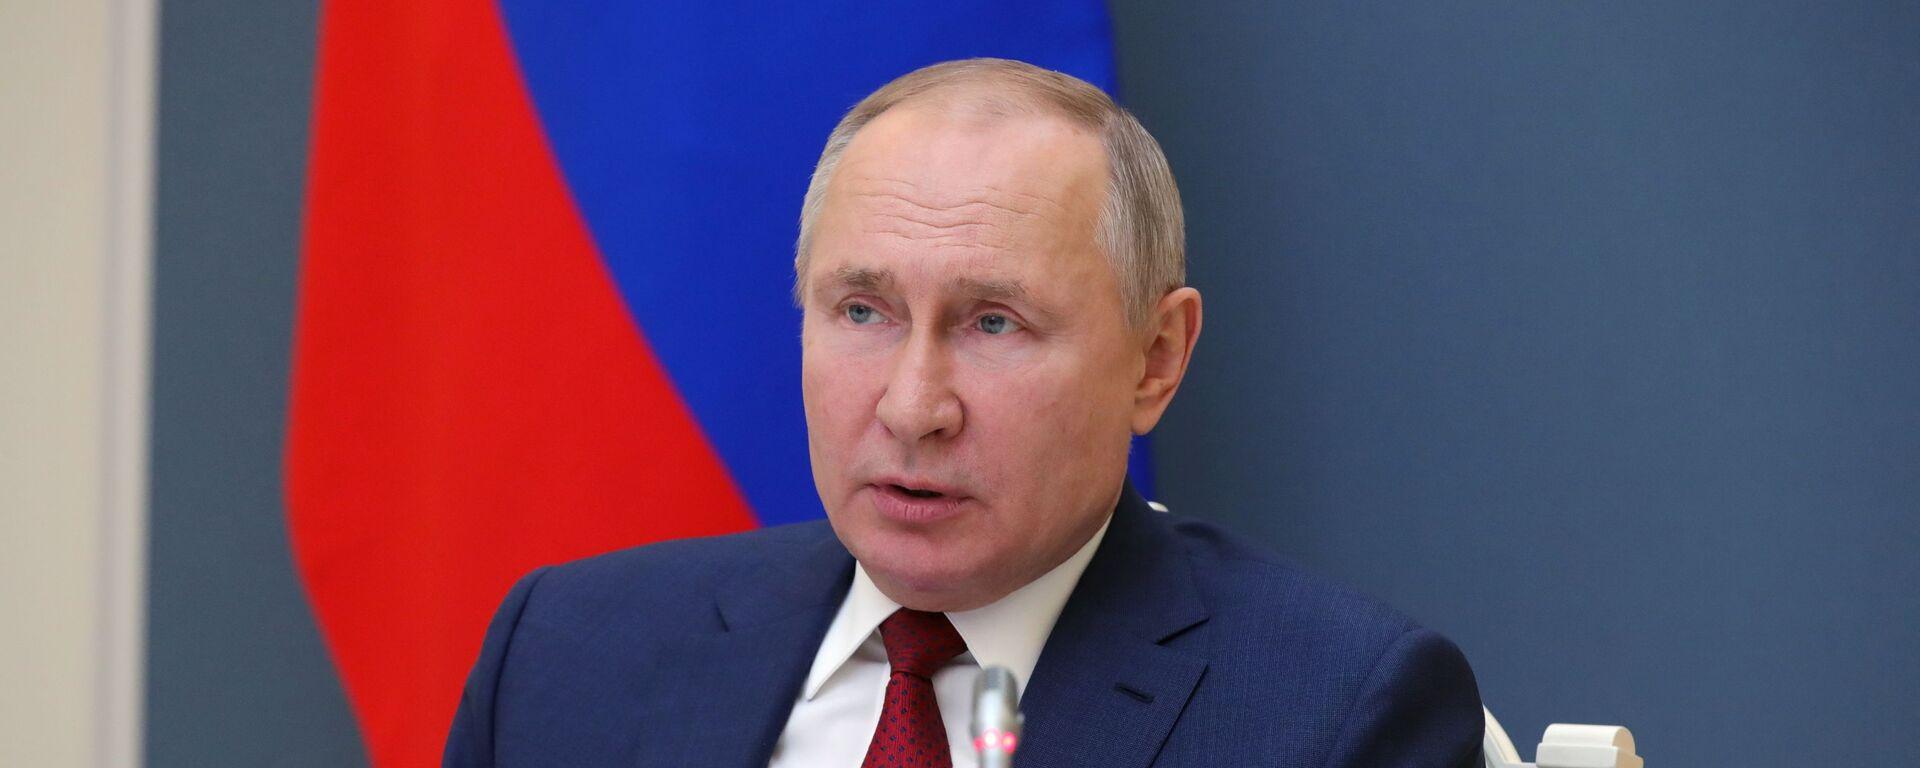 Президент РФ В. Путин выступил на сессии онлайн-форума Давосская повестка дня 2021 - Sputnik Тоҷикистон, 1920, 13.05.2021